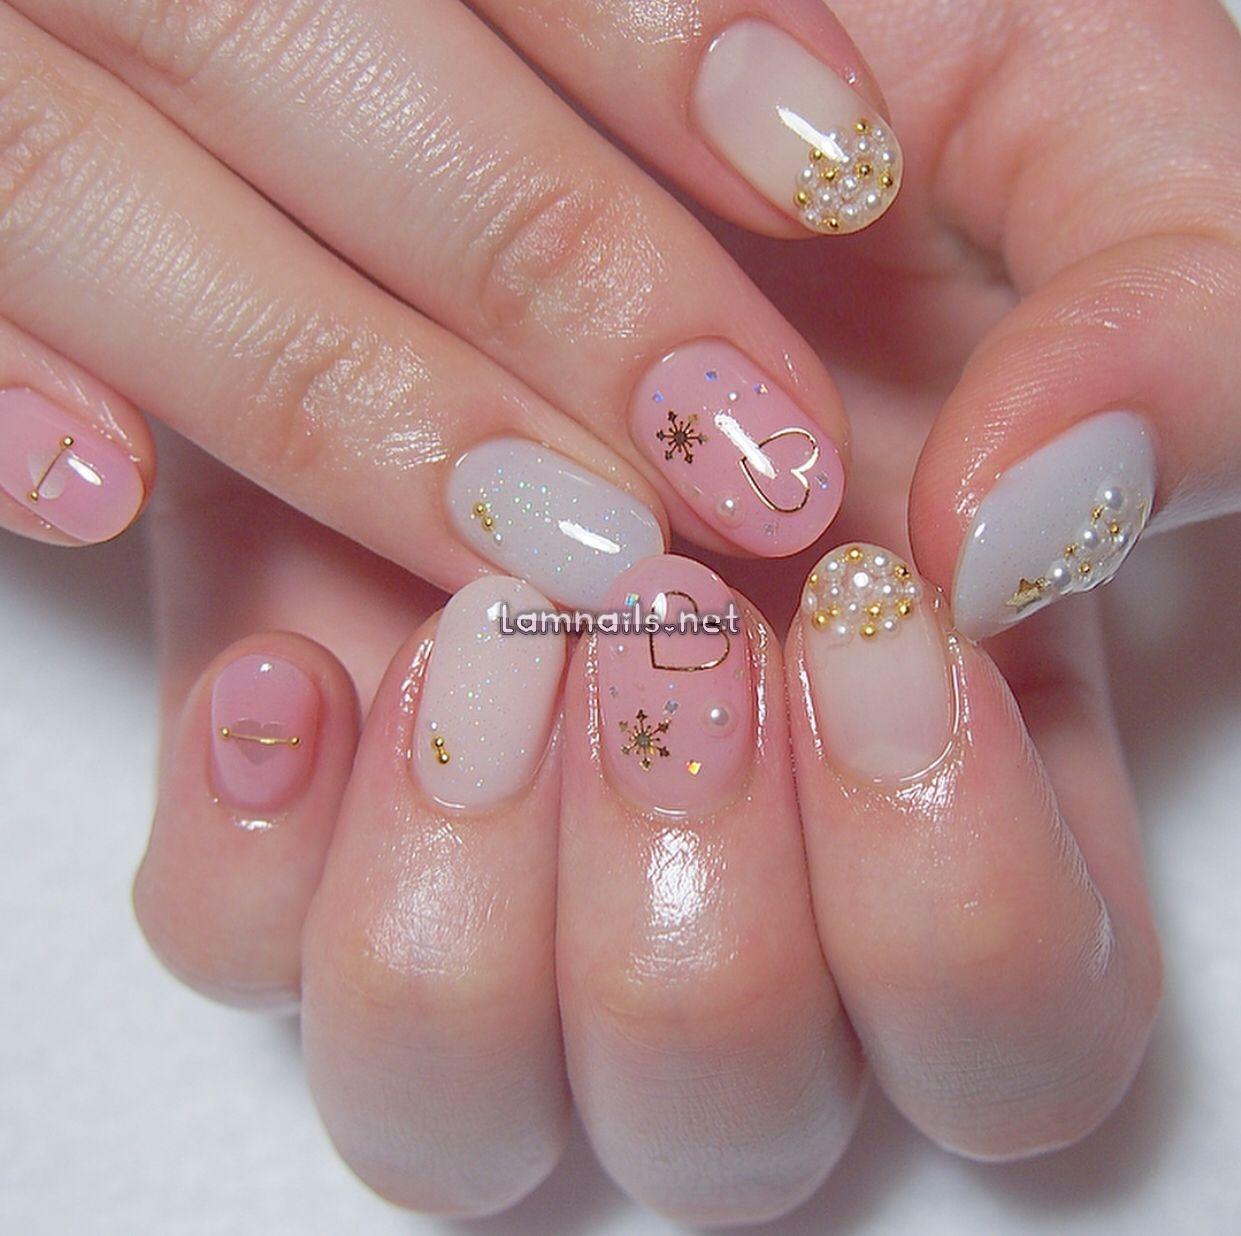 cateye nails in 2021 | Asian nails, Swag nails, Heart nails